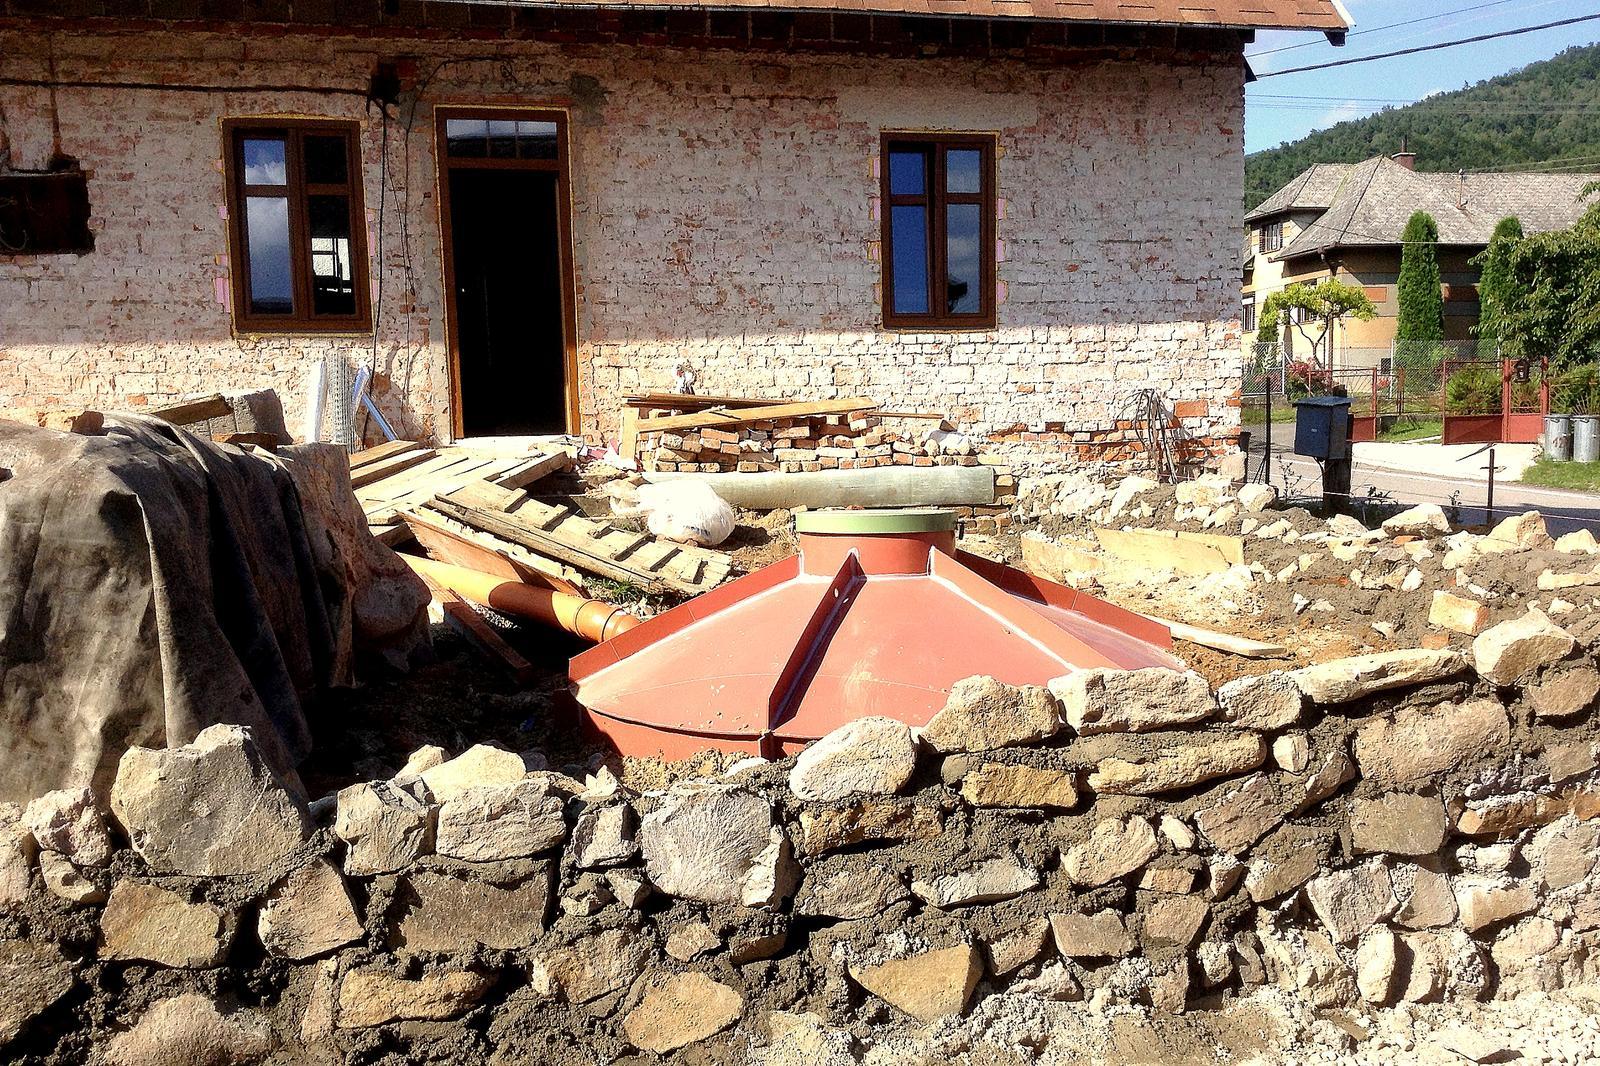 Rekonštrukcia domčeka z roku 1937 - Žumpa osadená. A namontované sú aj nové okná v pasívnom štandarde